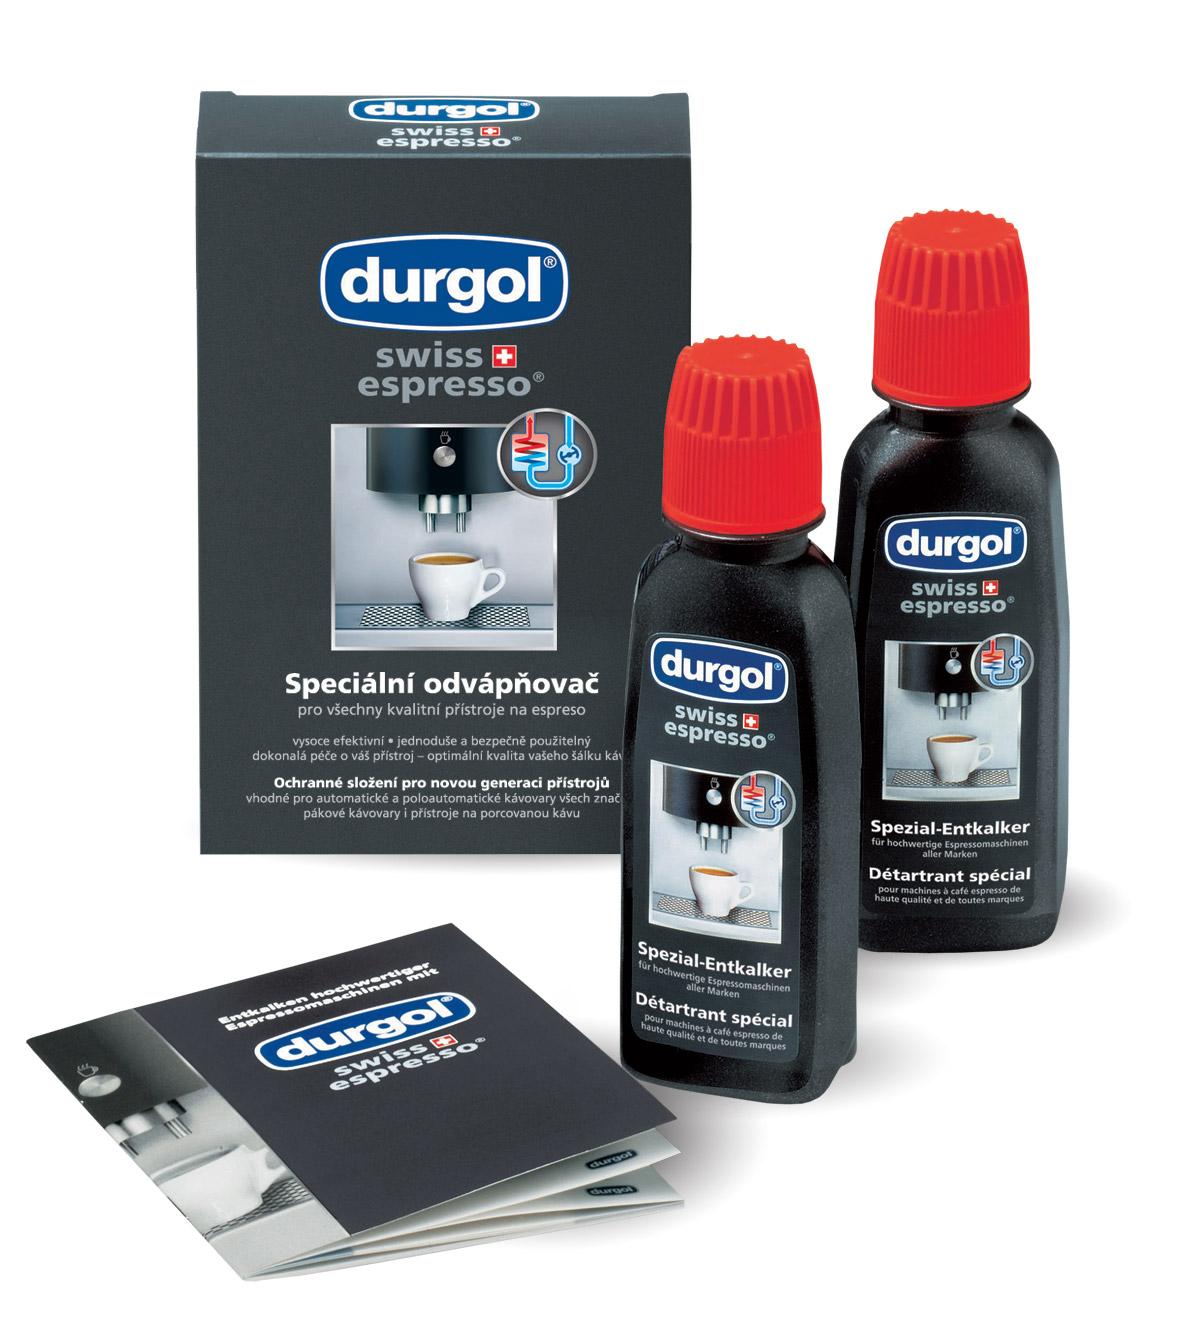 Durgol - speciální odvápňovač